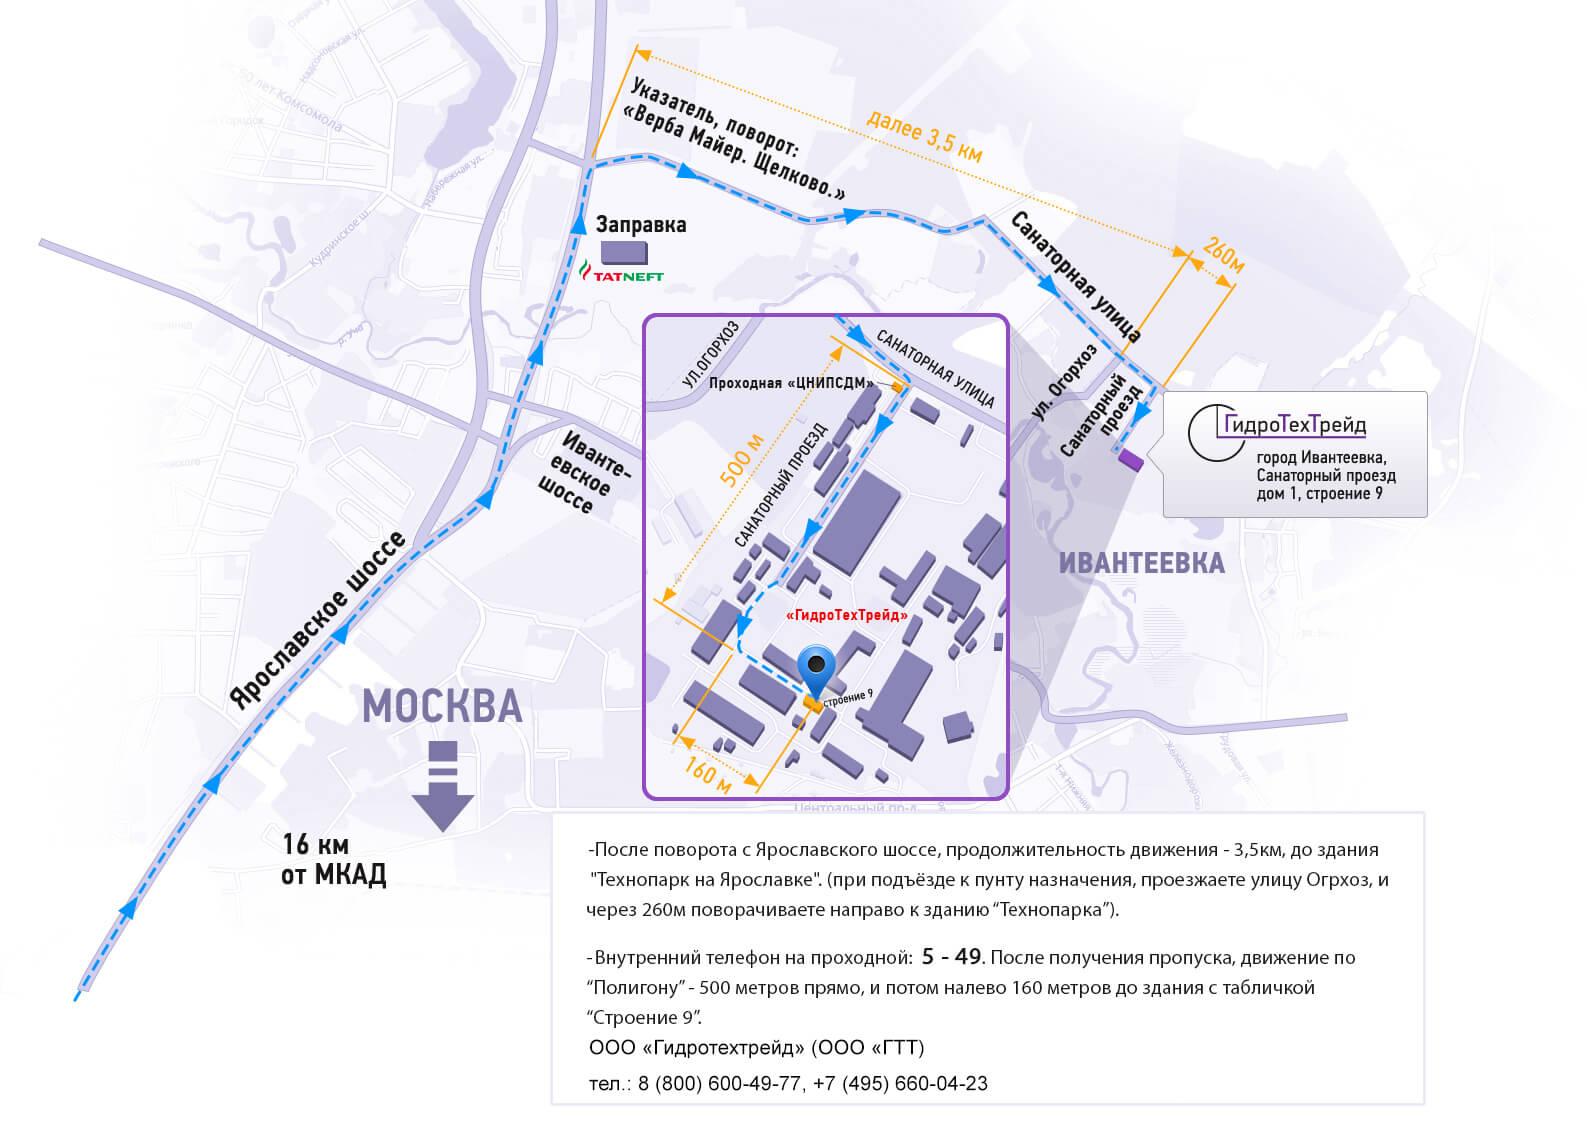 Гидротехтрейд – производство МО, г. Ивантеевка